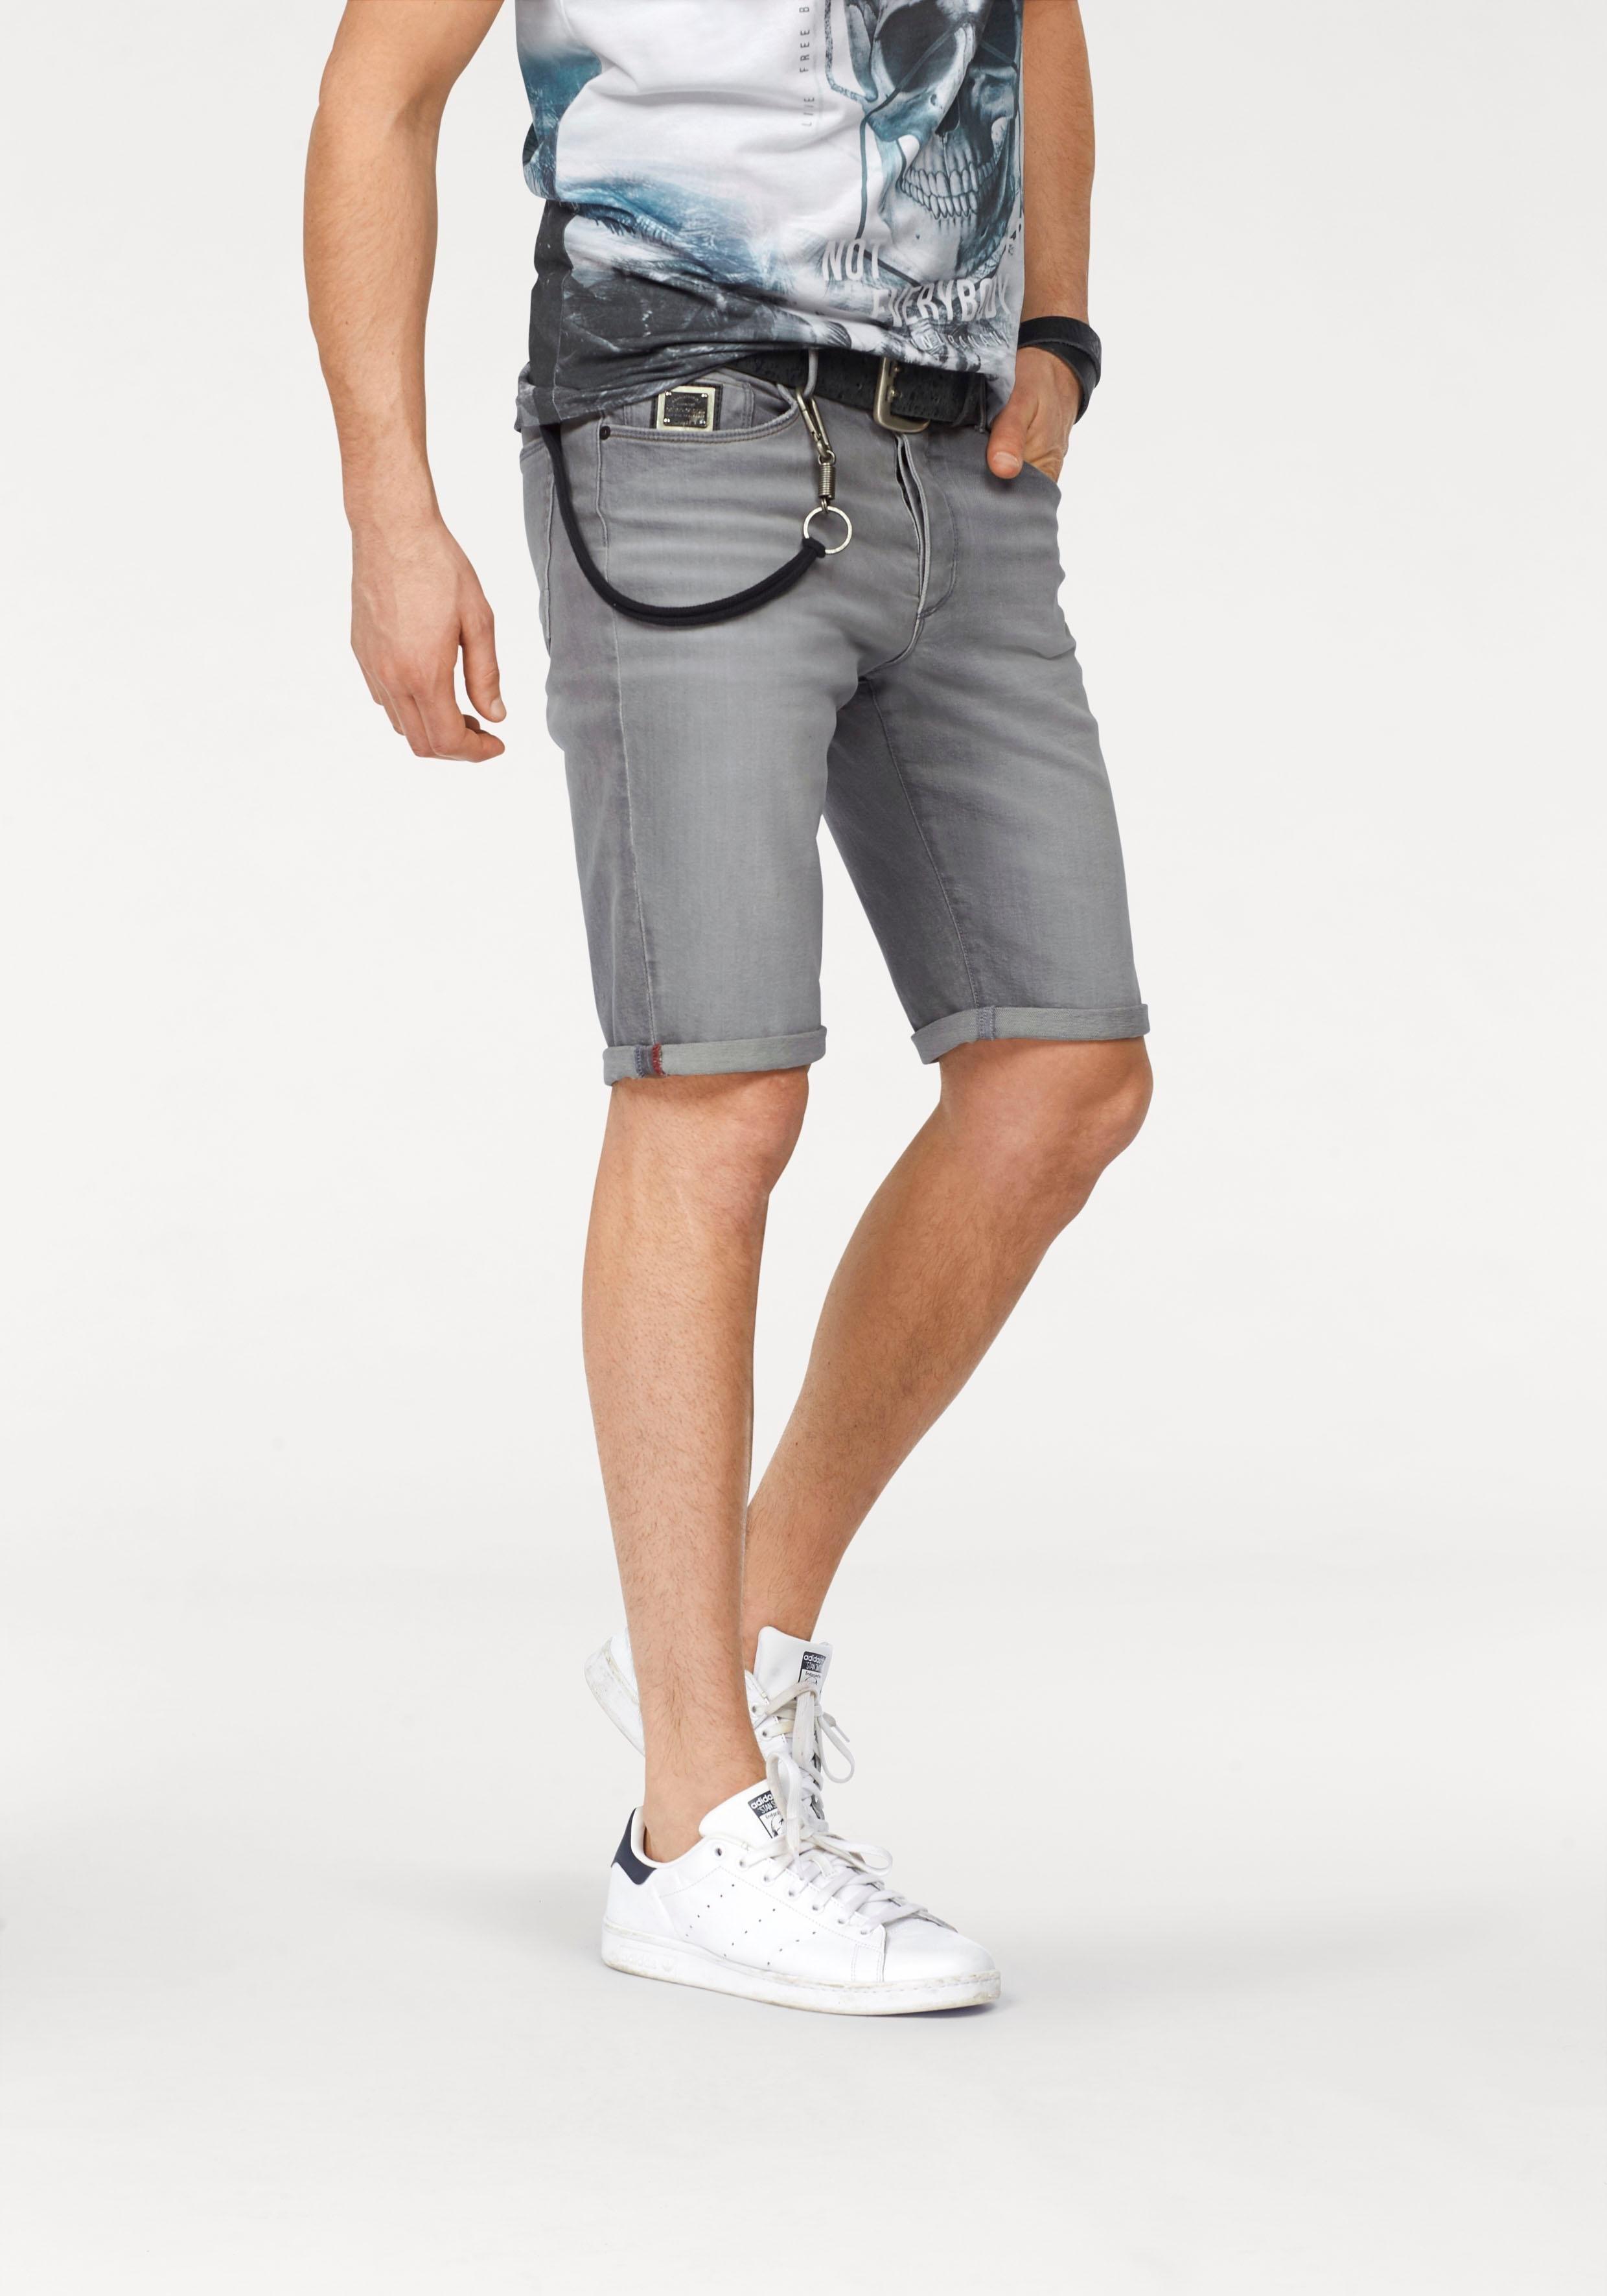 Jeans Korte Broek Heren.Korte Spijkerbroeken Voor Heren Online Kopen Koop Korte Jeans Otto